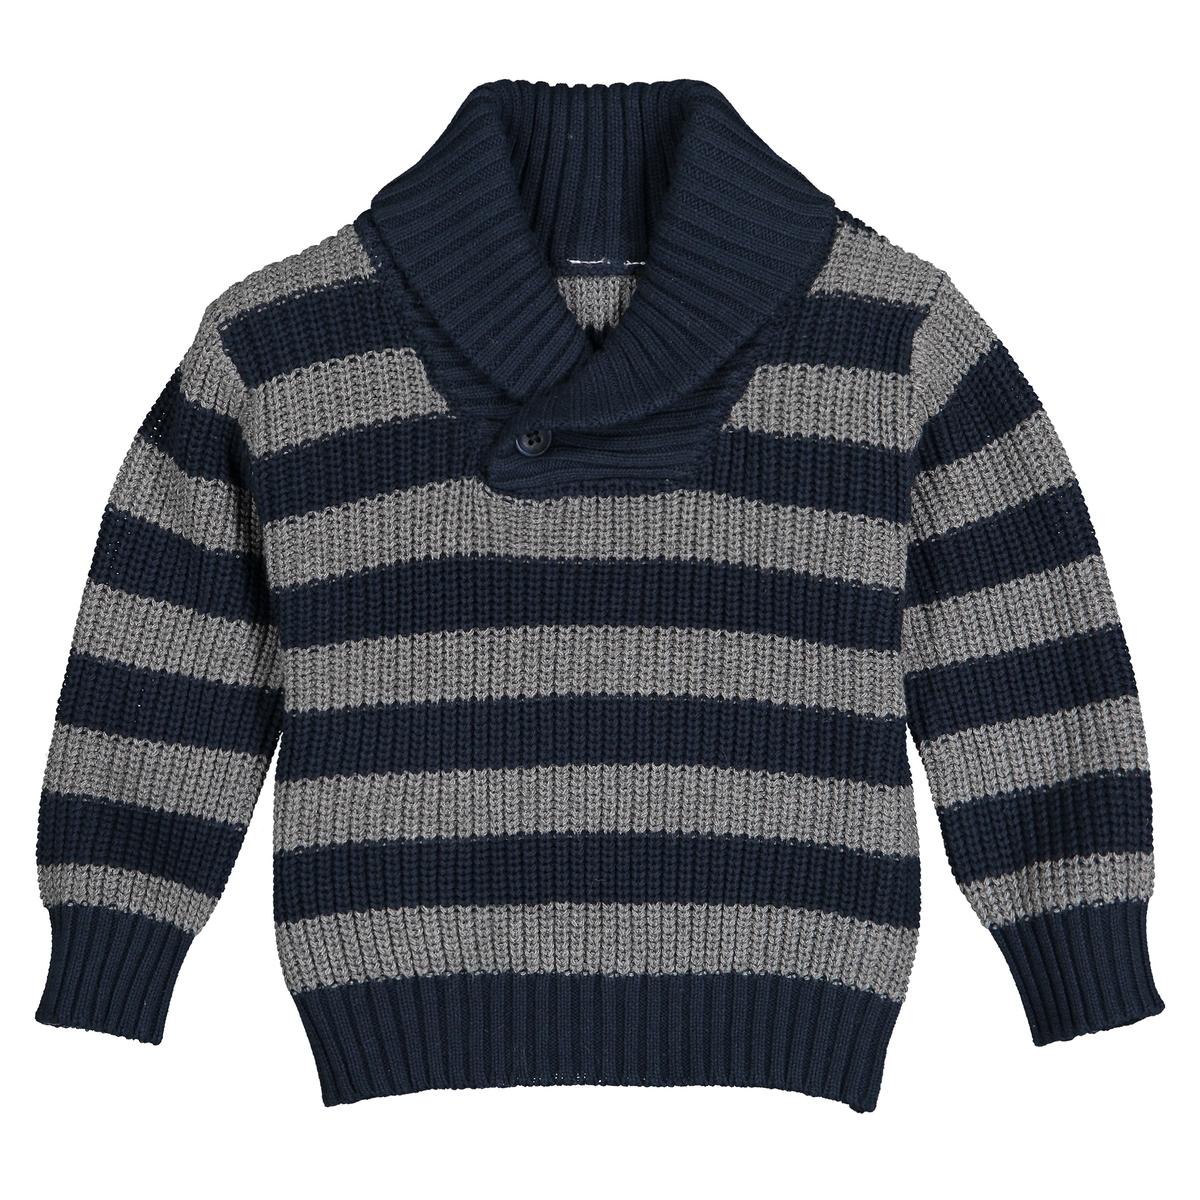 Пуловер La Redoute С шалевым воротником в полоску мес- года 18 мес. - 81 см синий комплект из боди с la redoute короткими рукавами мес 18 мес 81 см синий